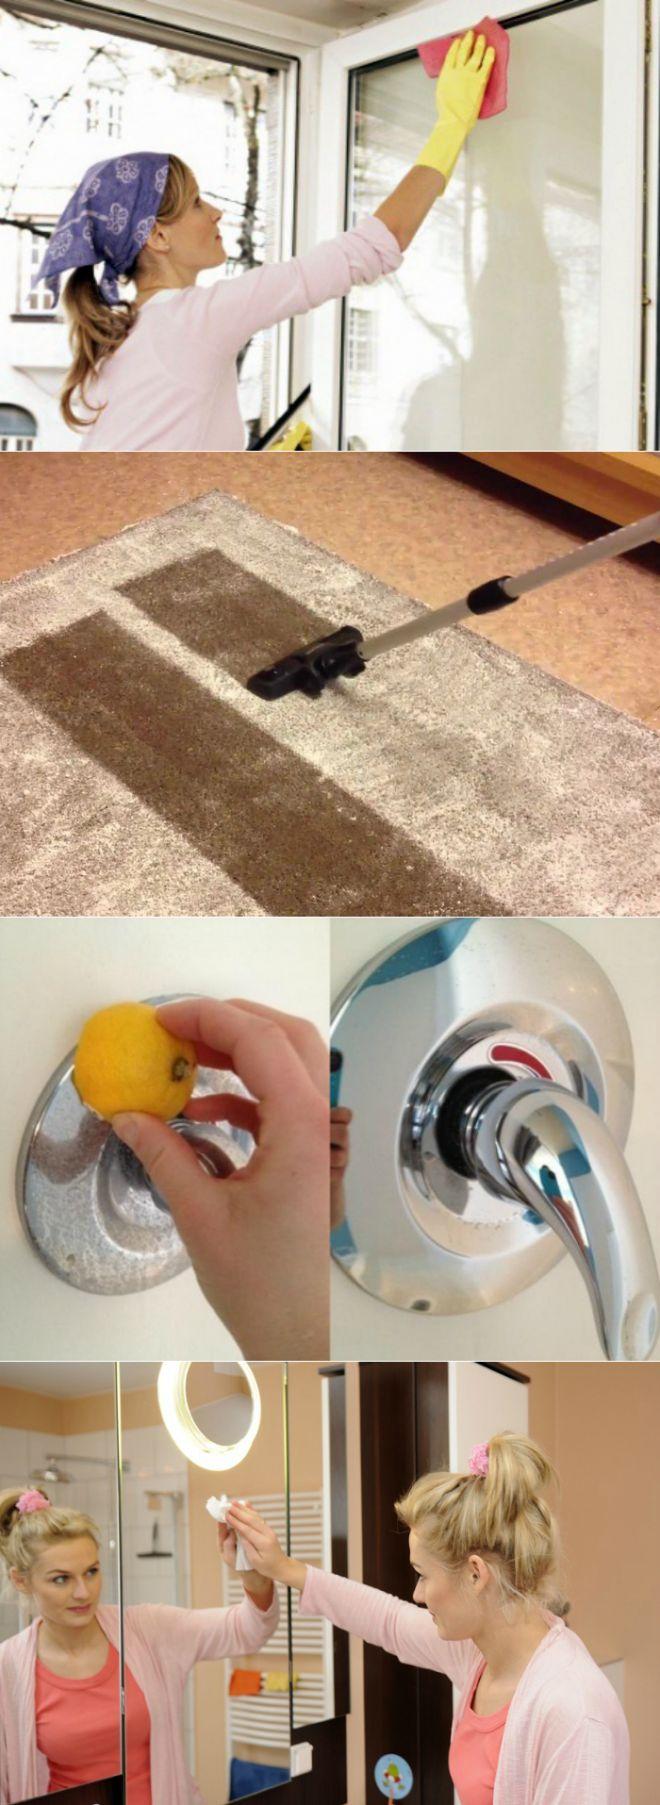 Средство от жира на кухне: как очистить, почистить 1